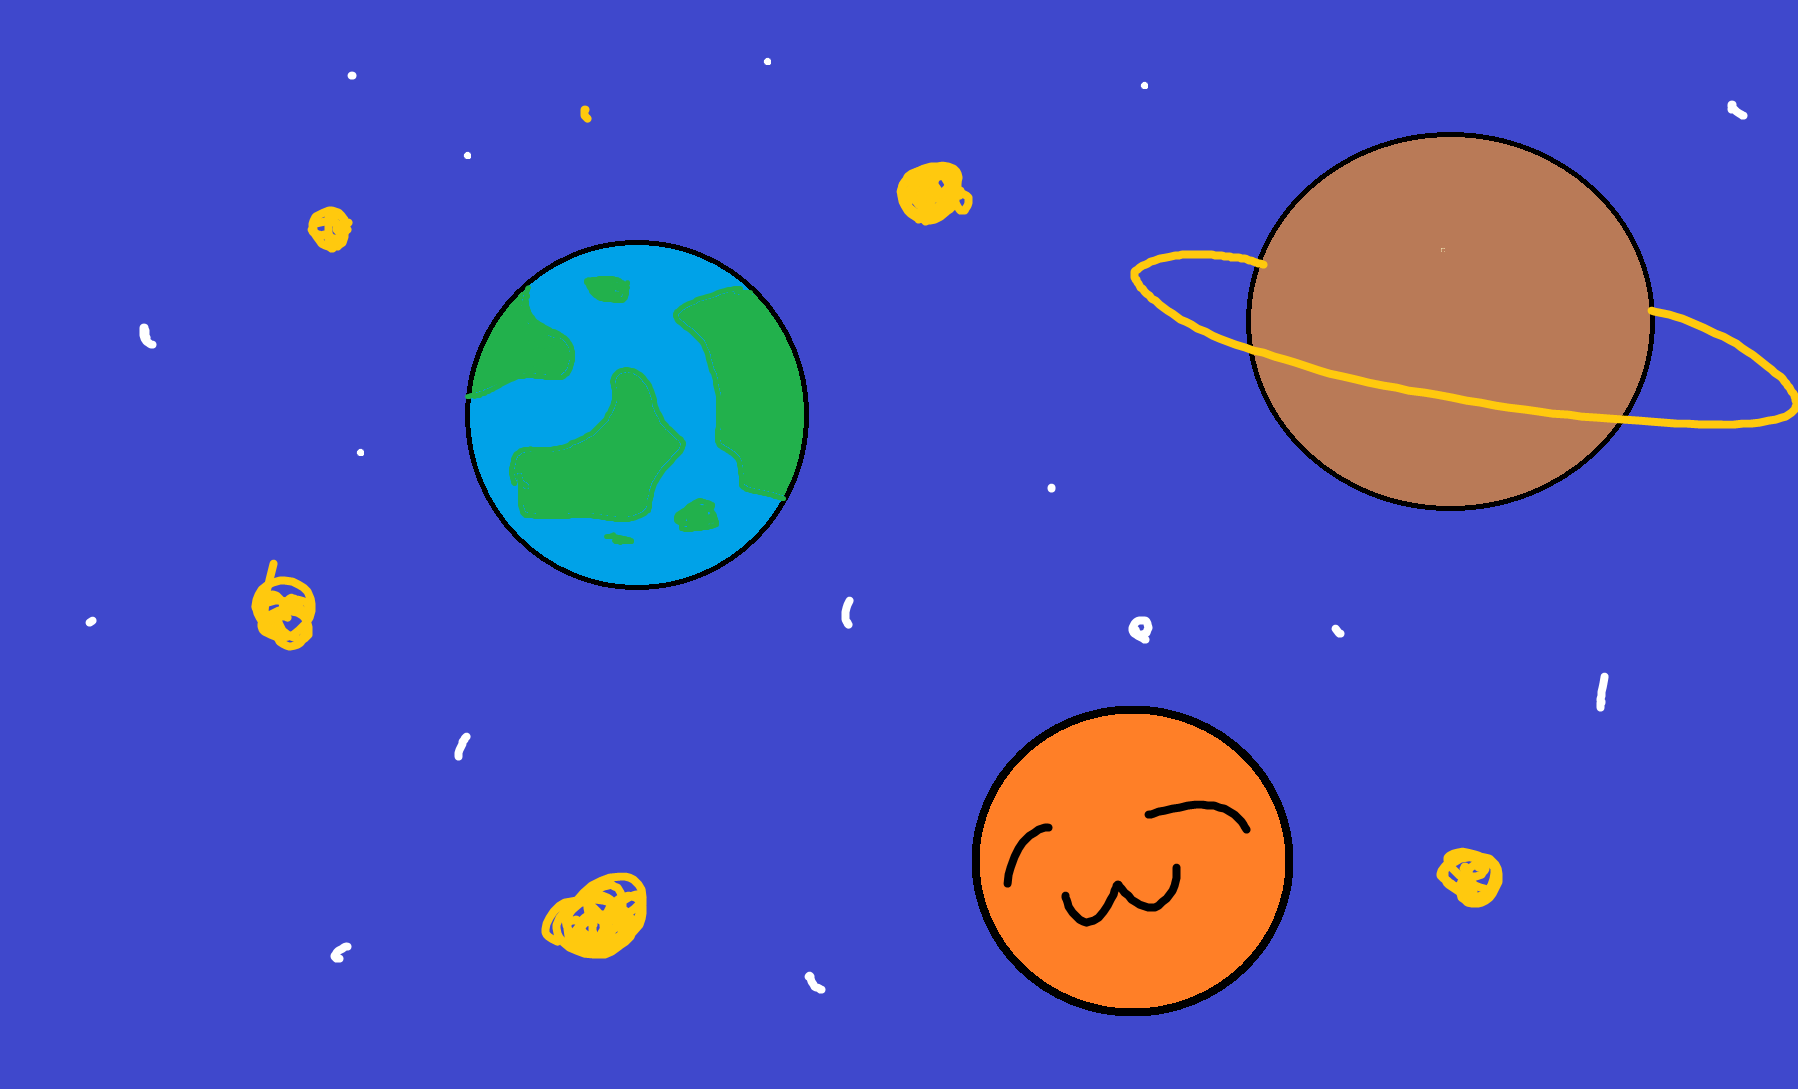 人生に悩んだから、果てしない宇宙の大きさを考えてみる【動画あり】